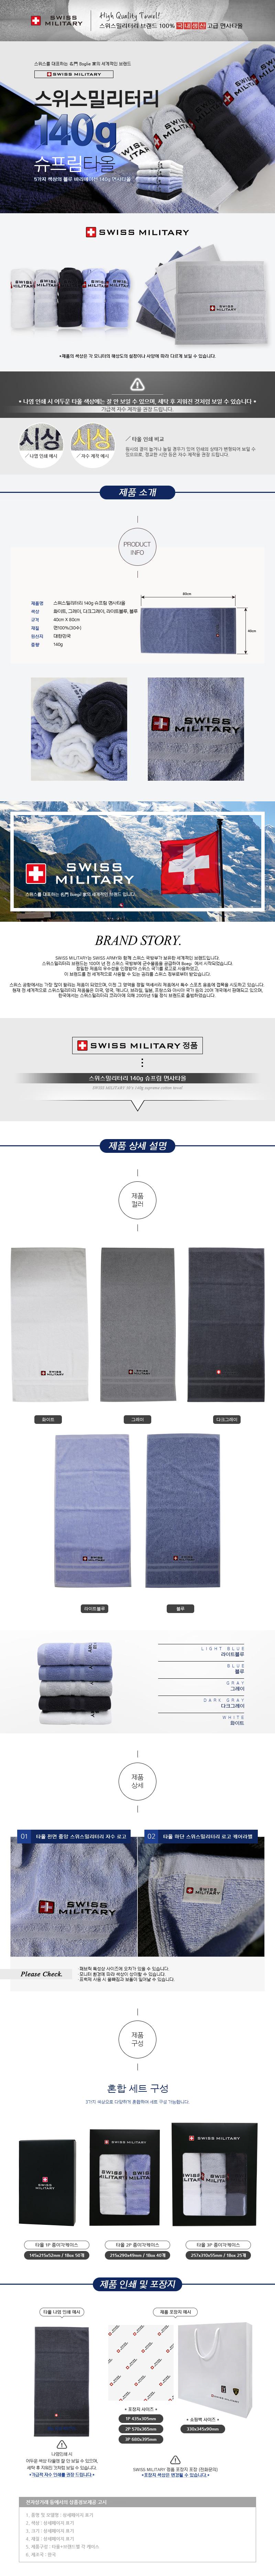 sm140_towel.jpg